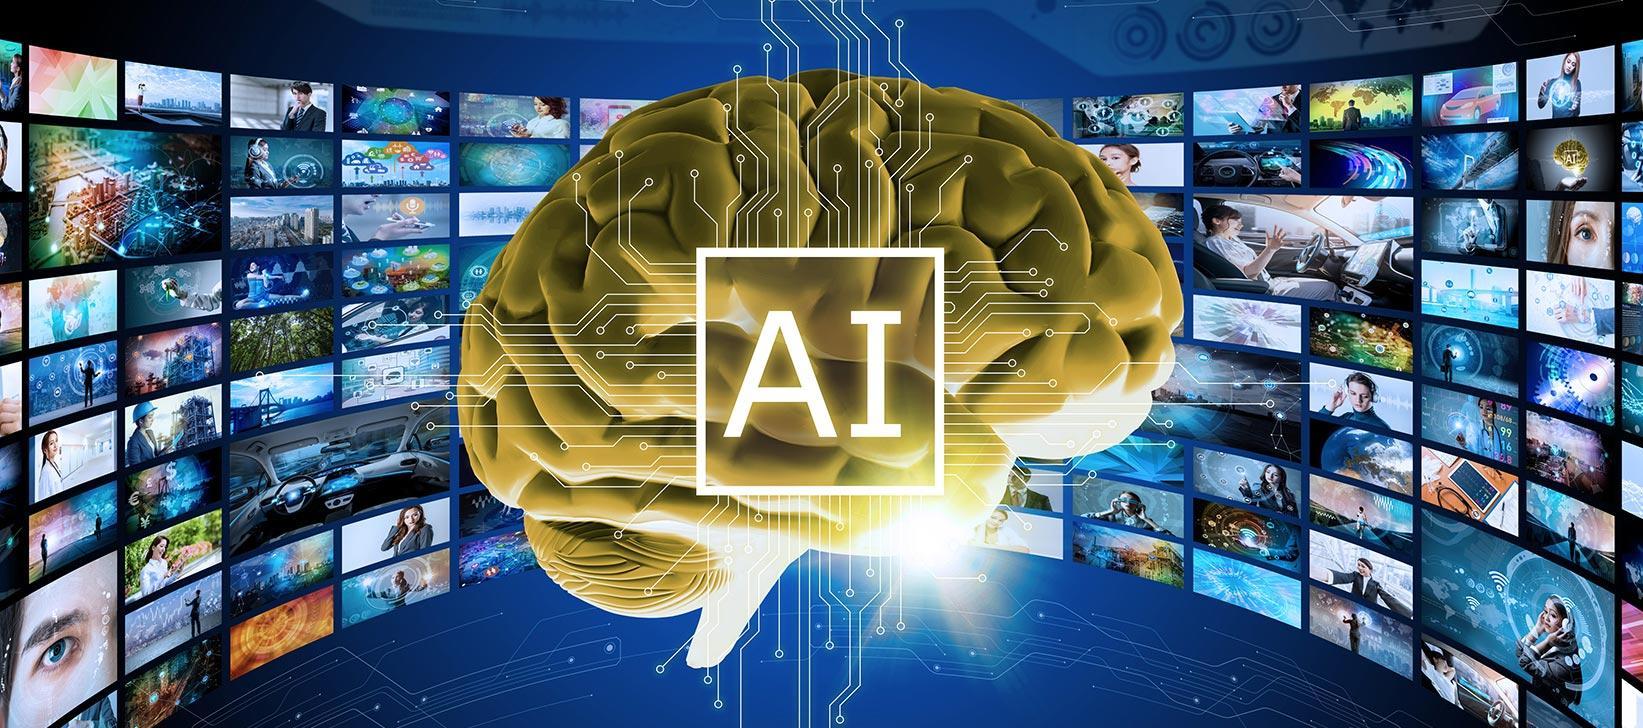 Cognitive Video Services